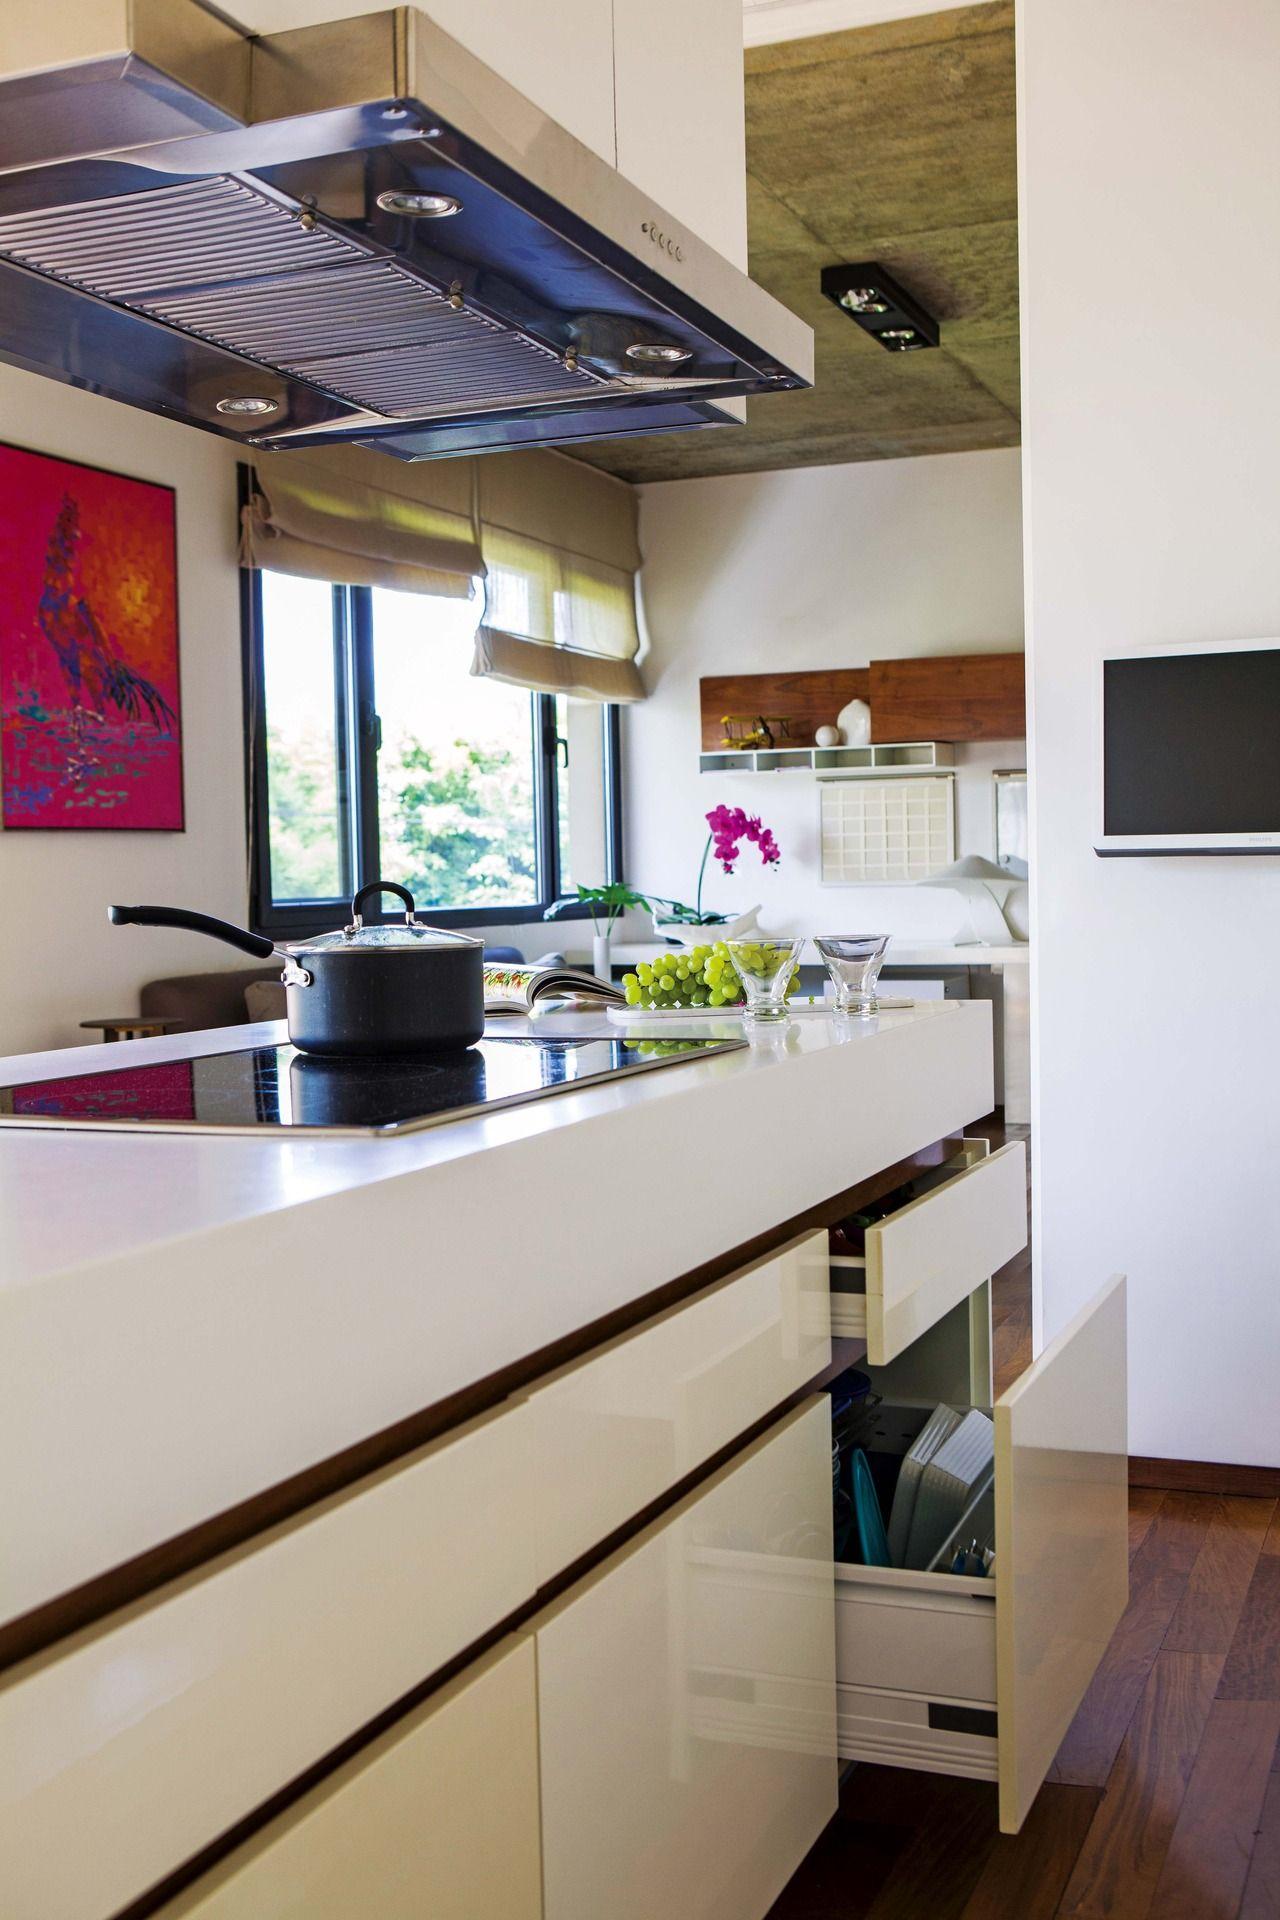 Una cocina en blanco y madera | Líneas simples, Cocina comedor y ...